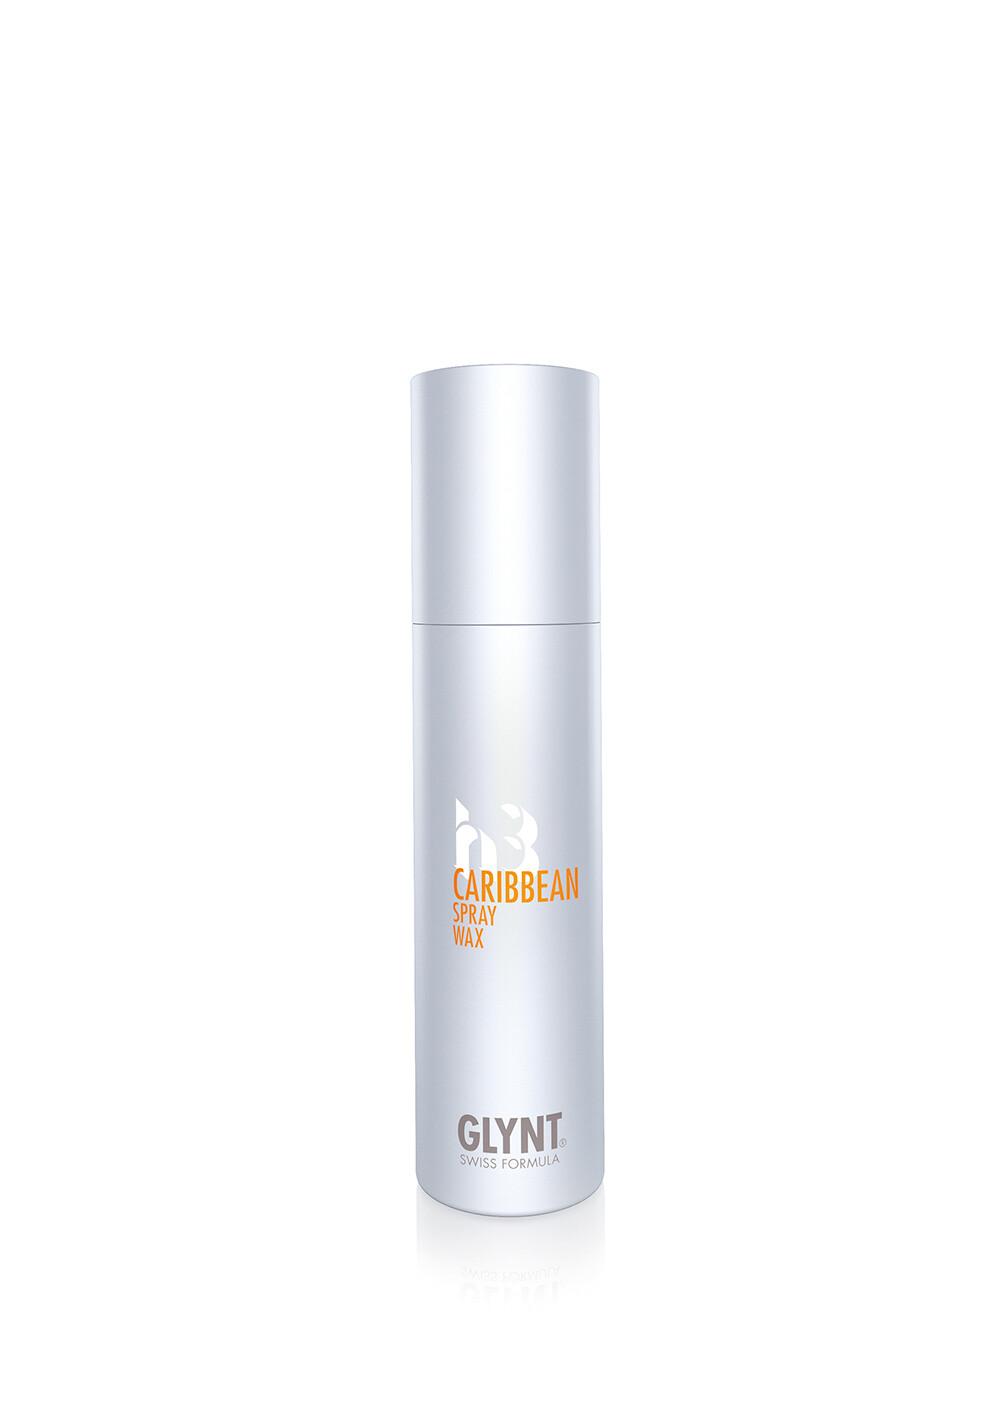 Glynt CARIBBEAN Spray Wax hf 3 - 150ml